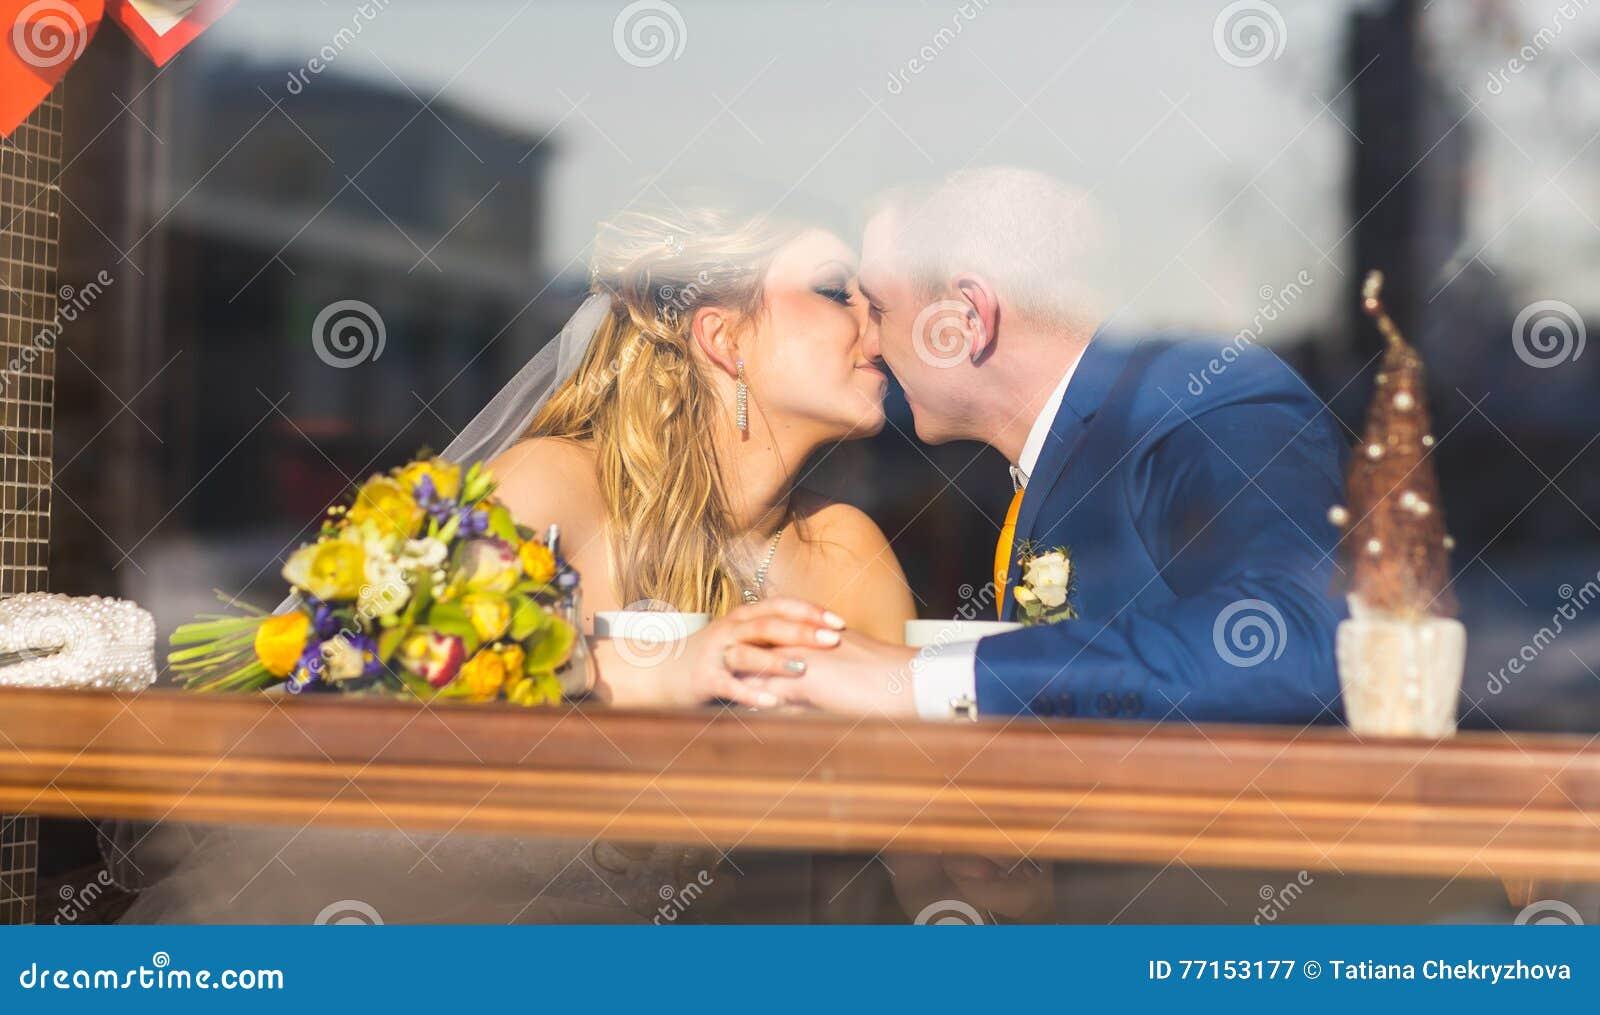 Ménages mariés mignons en café, marié embrassant une jeune mariée Tendresse pure